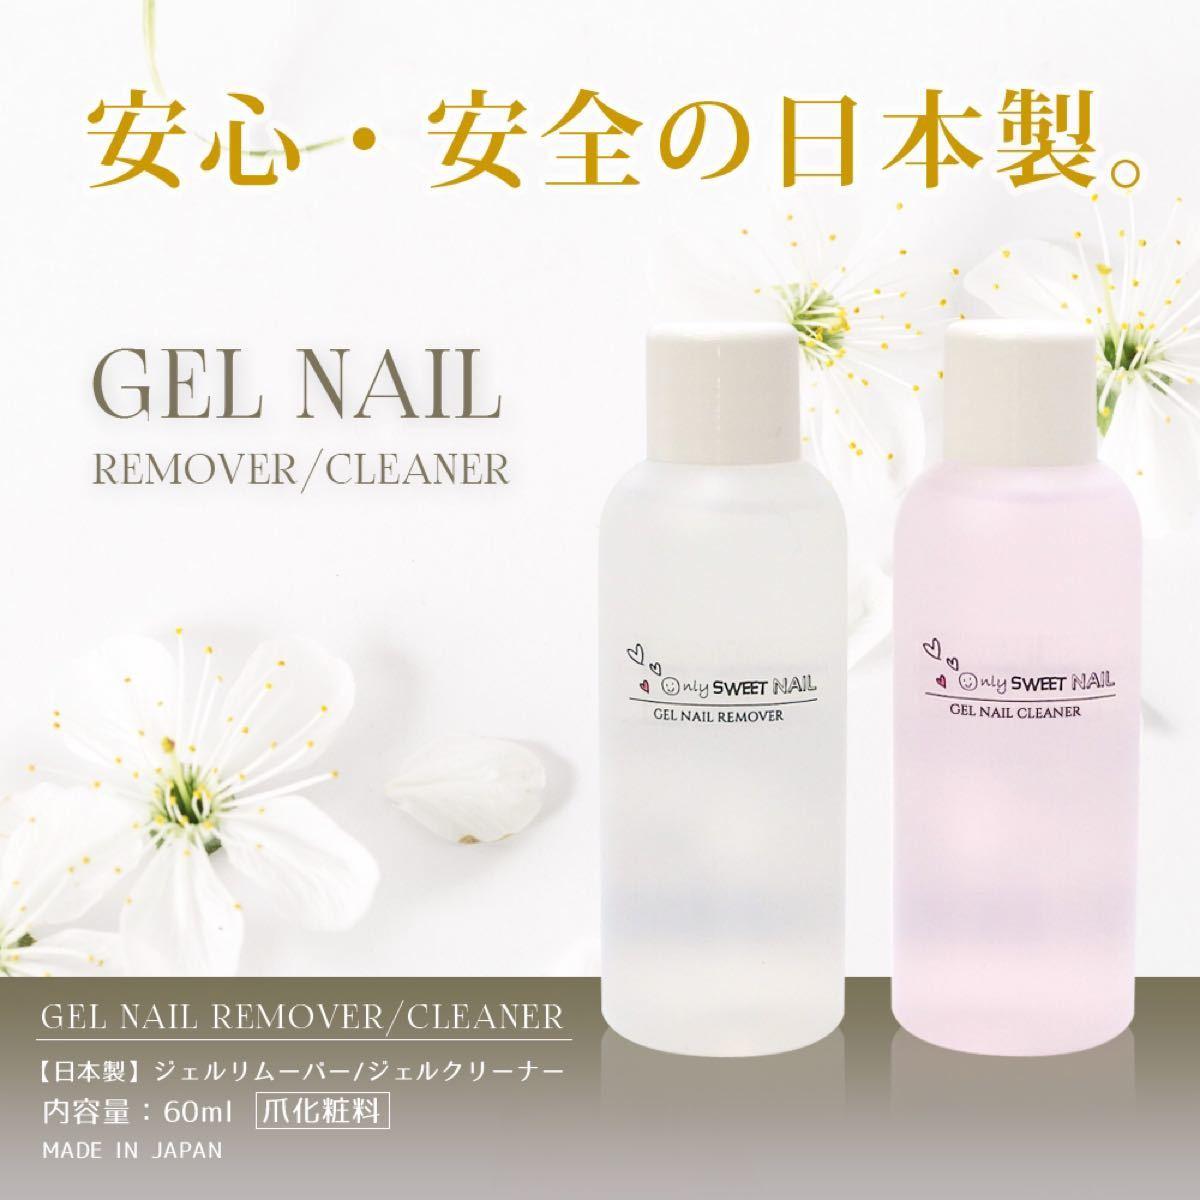 【ジェルネイルオフセット】ジェルリムーバー&クリーナー&ネイルファイル3種